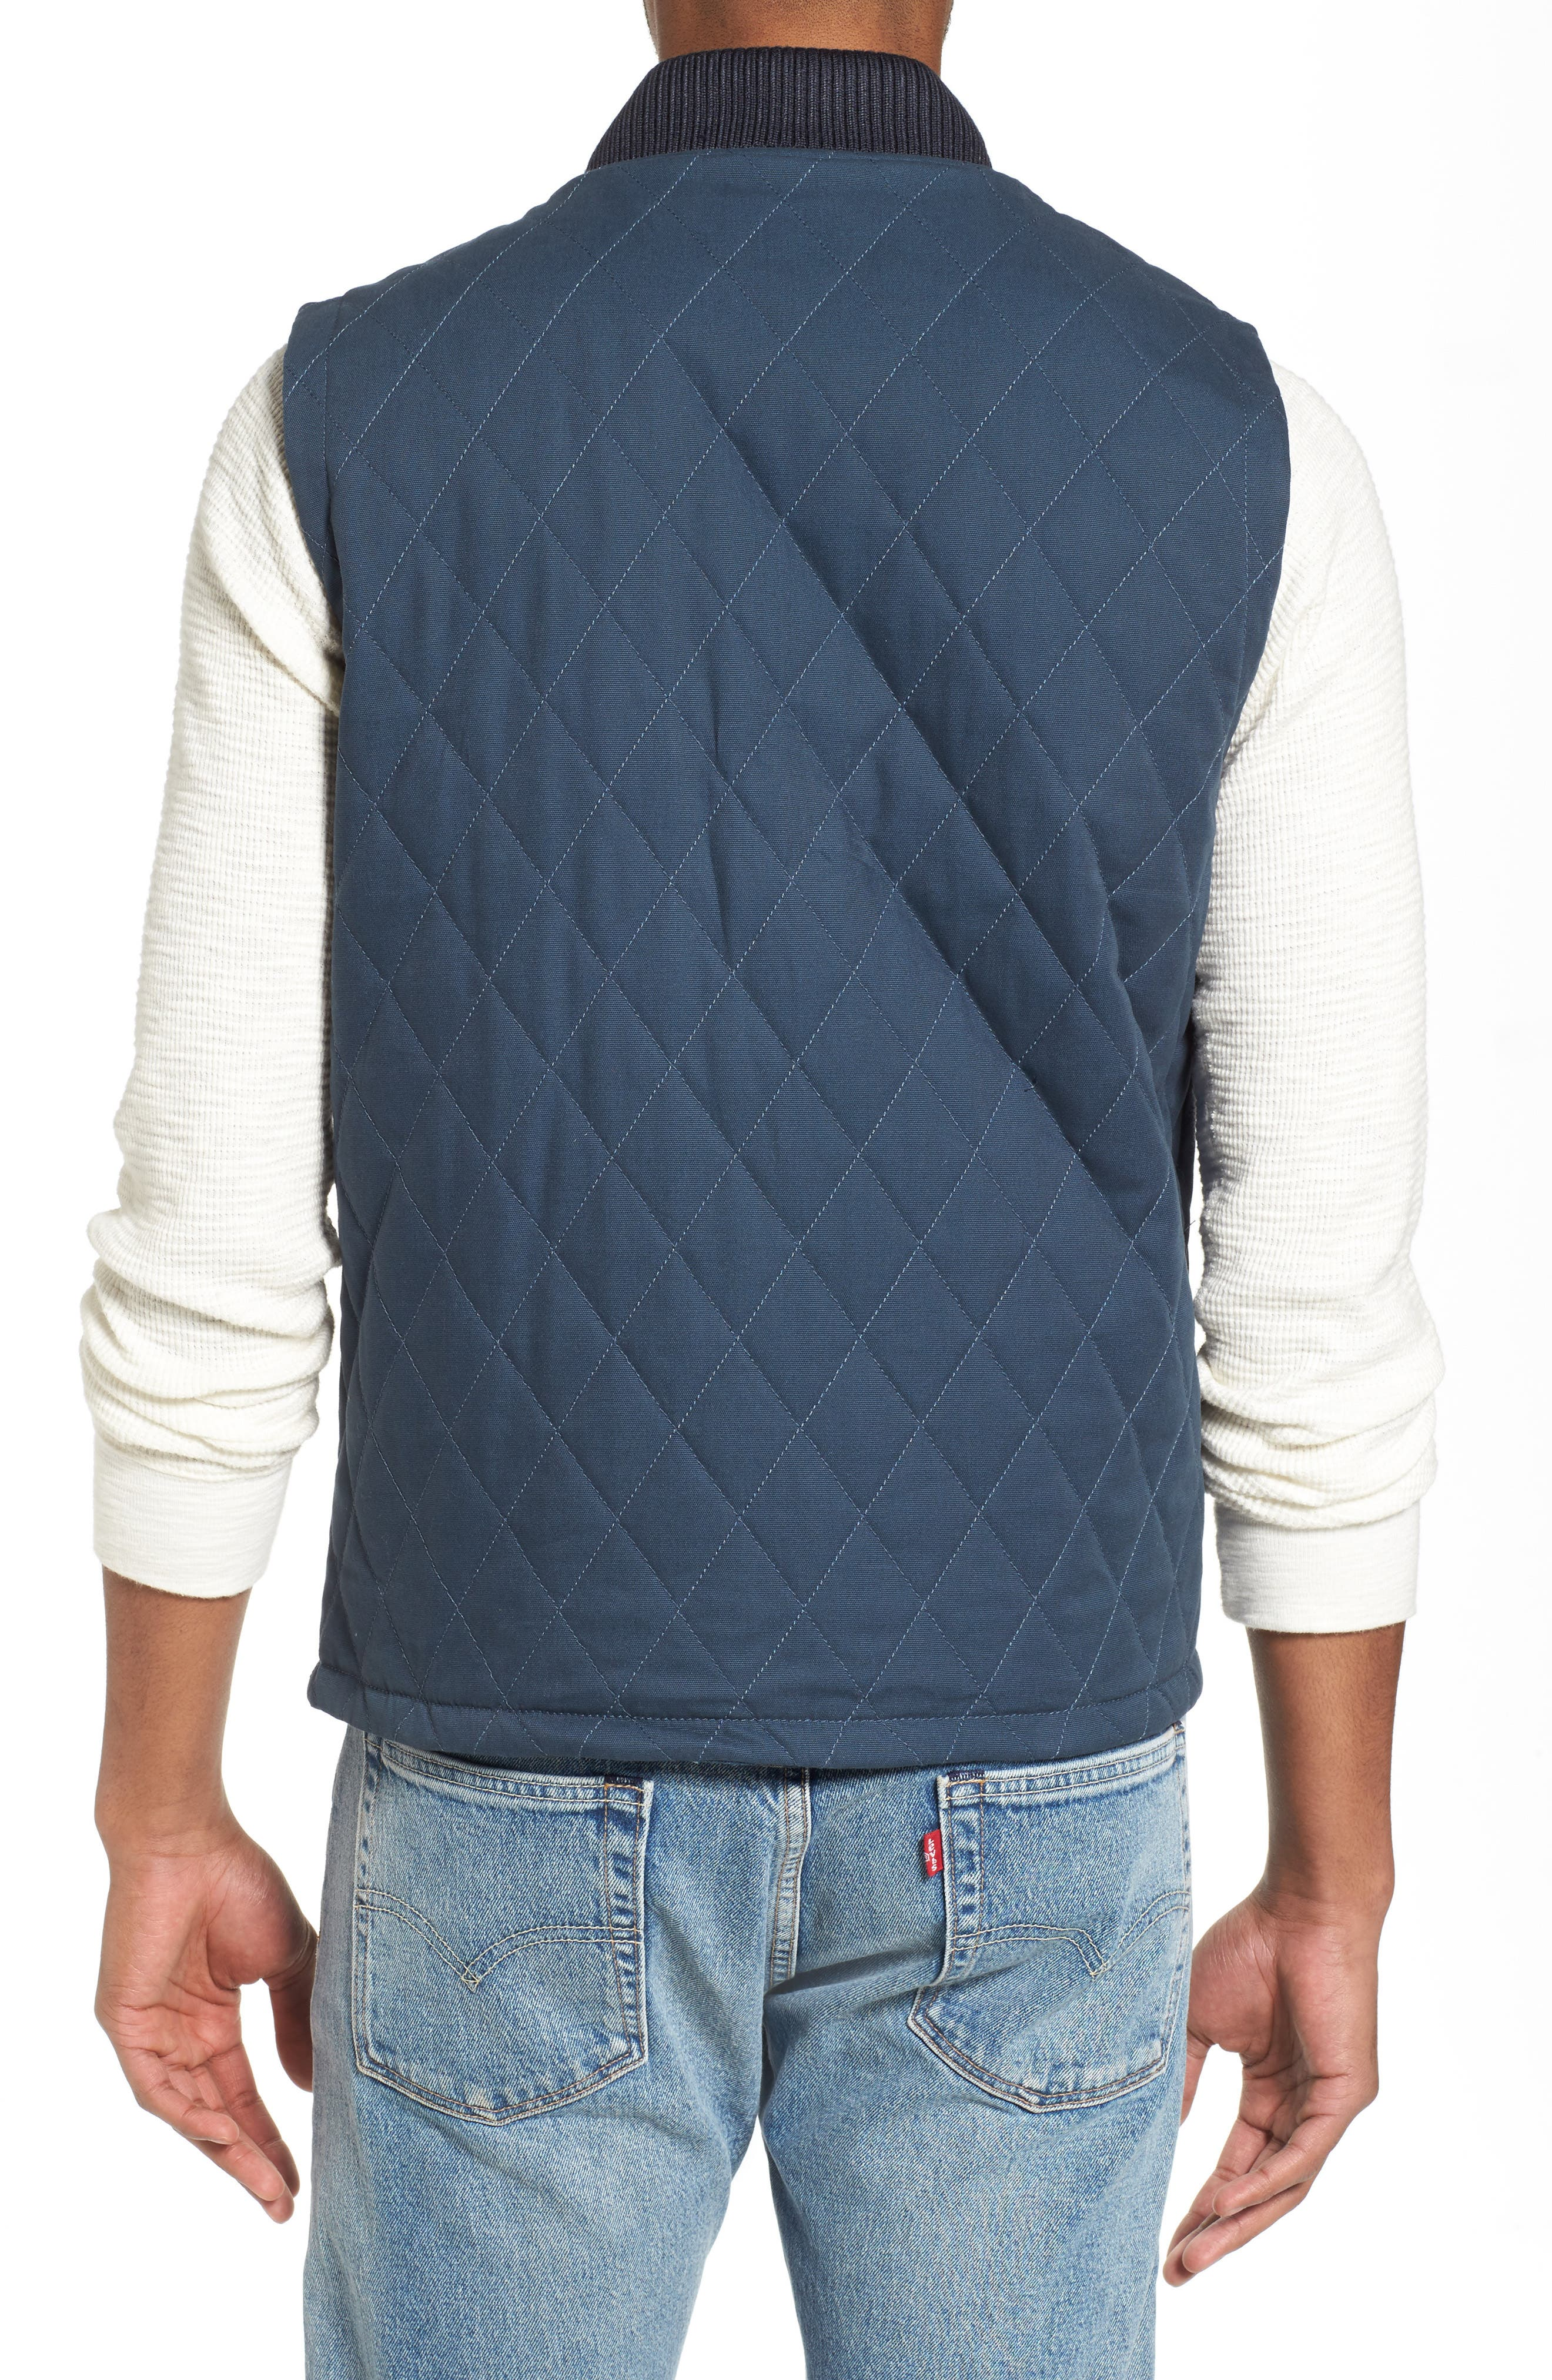 Reversible Canvas Vest,                             Alternate thumbnail 2, color,                             Navy/ Indigo Plaid